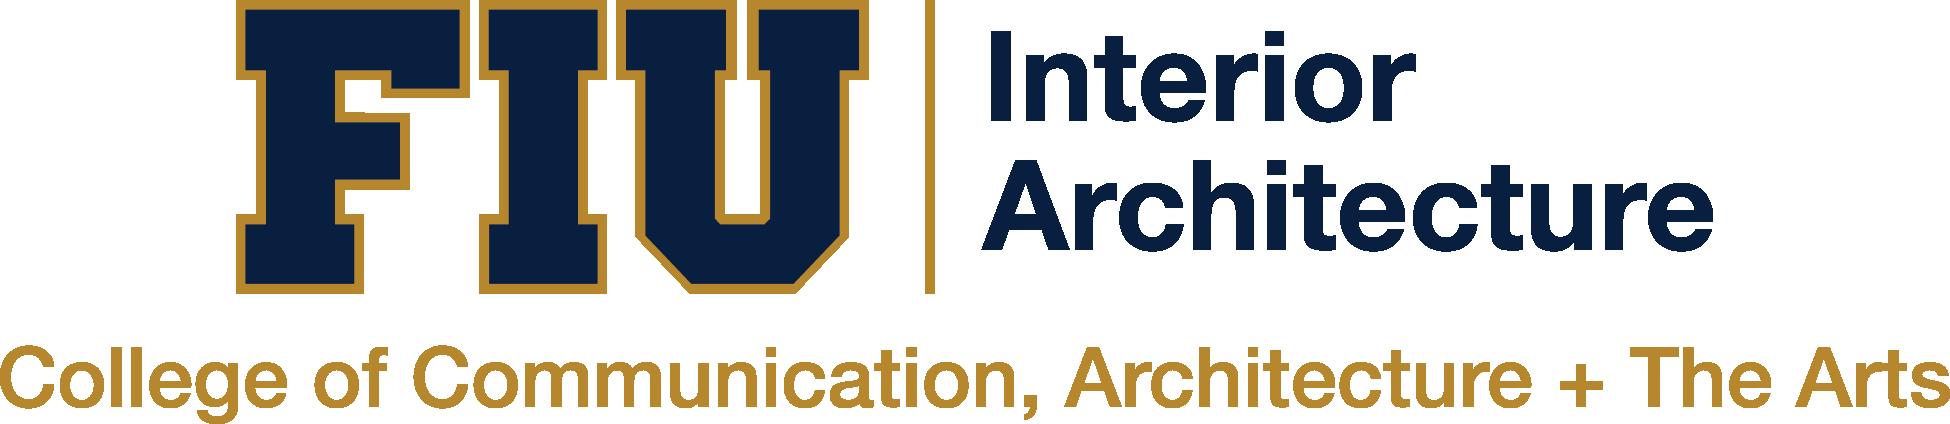 Department of Interior Architecture Logo